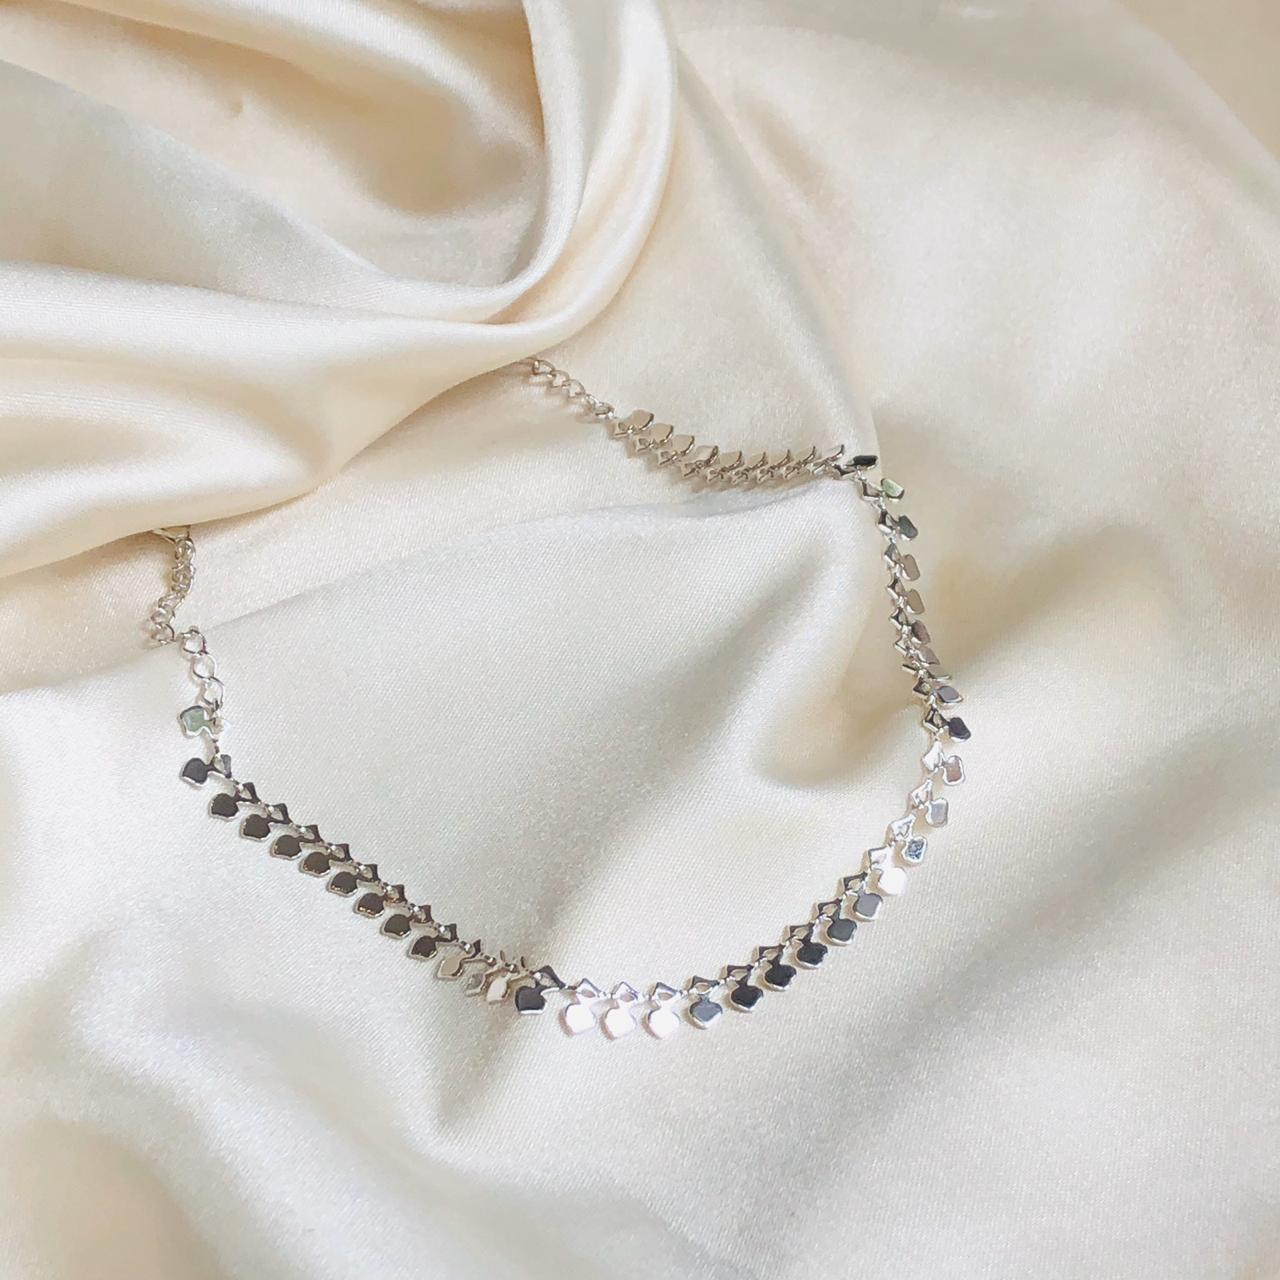 Choker Metalizada em Formato de Corações Banhada em Ródio Branco